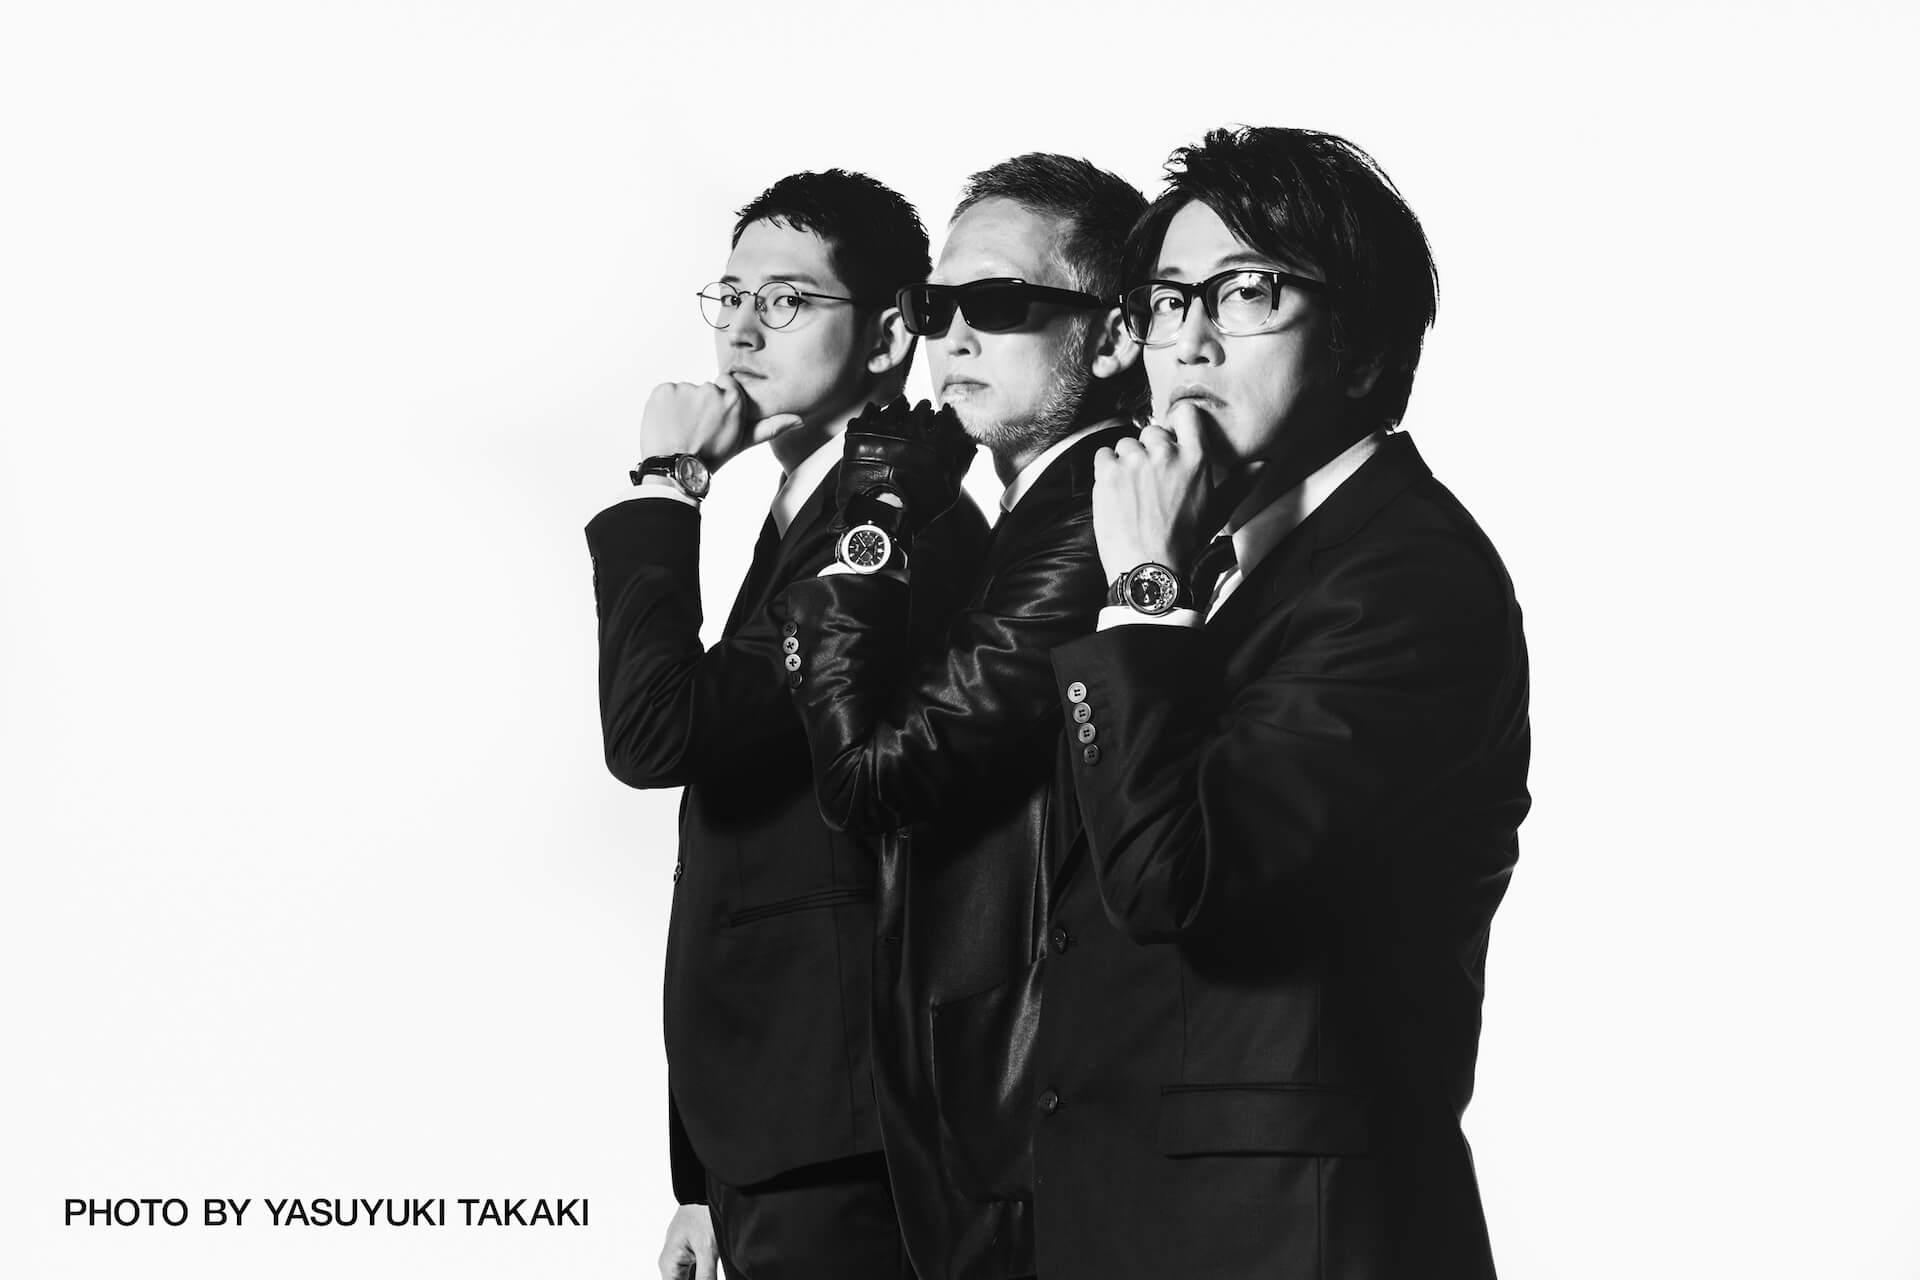 2020年に新パーティー<LLL-FT>がTSUTAYA O-EASTで始動|OL Killer、板橋兄弟、一十三十一、TOKYO HEALTH CLUB、Mom、セク山が登場 music191218-lll-ft-4